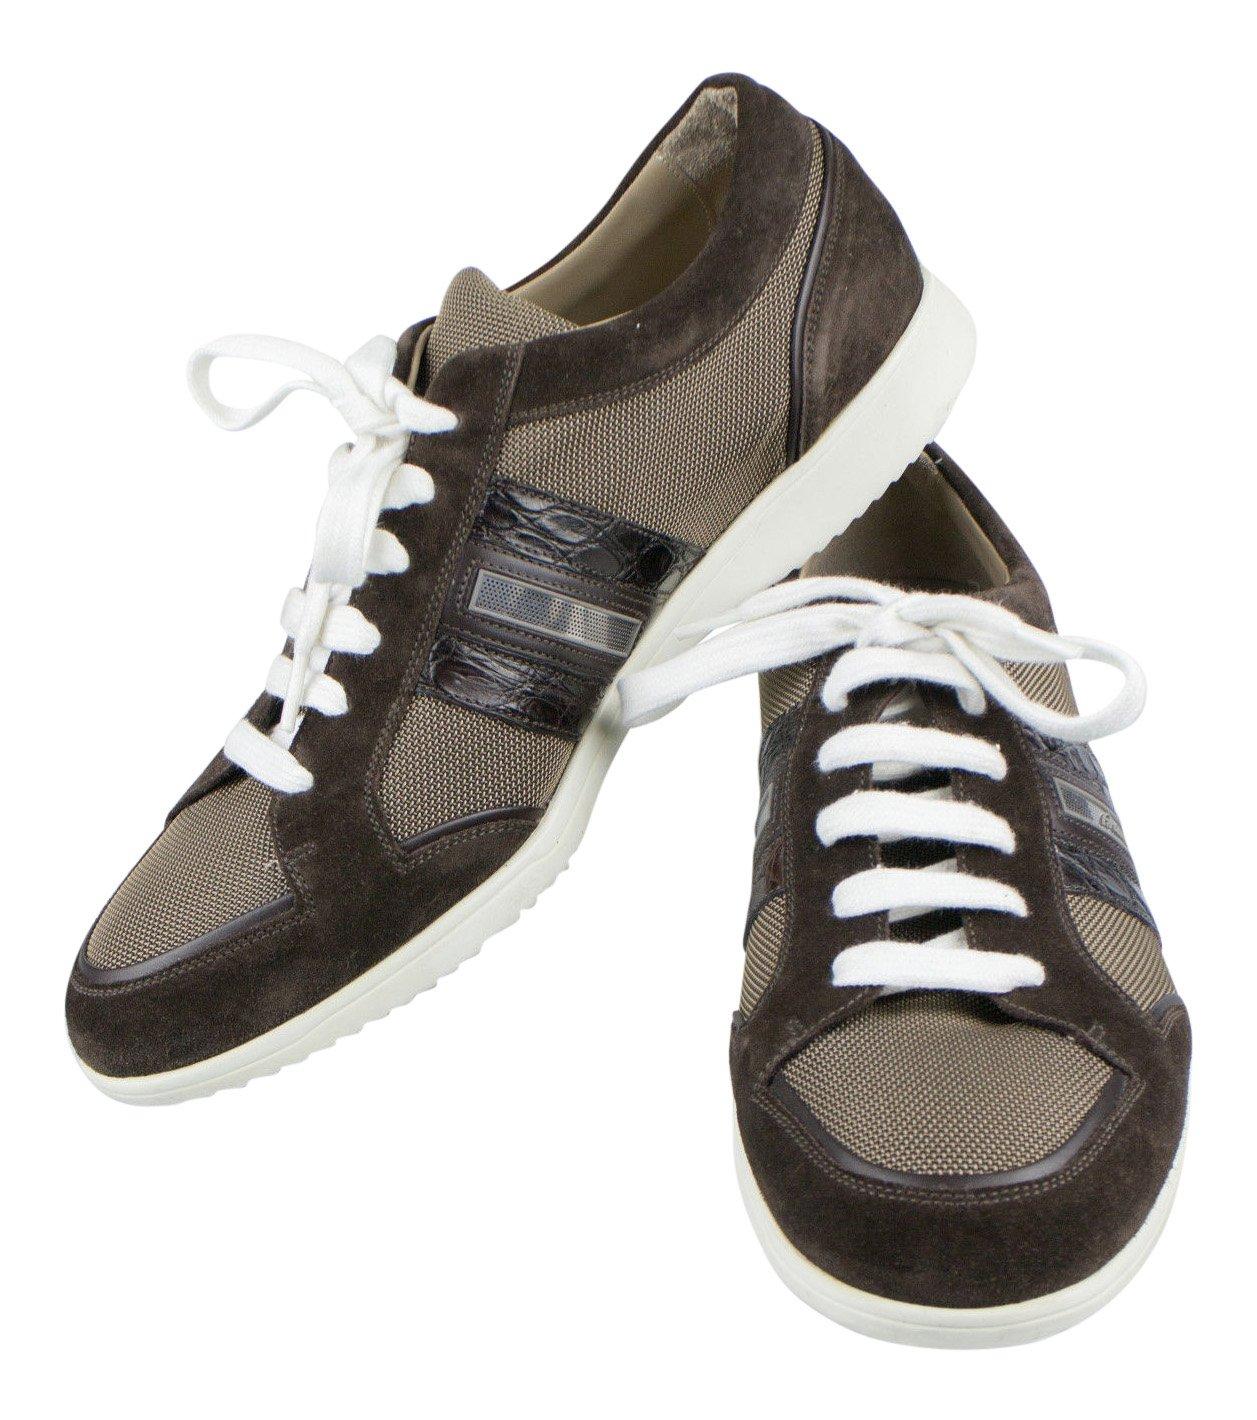 Brioniブラウンスエード/キャンバスwithクロコダイルレザースニーカー靴サイズ11 / 44   B01K3YW8HK